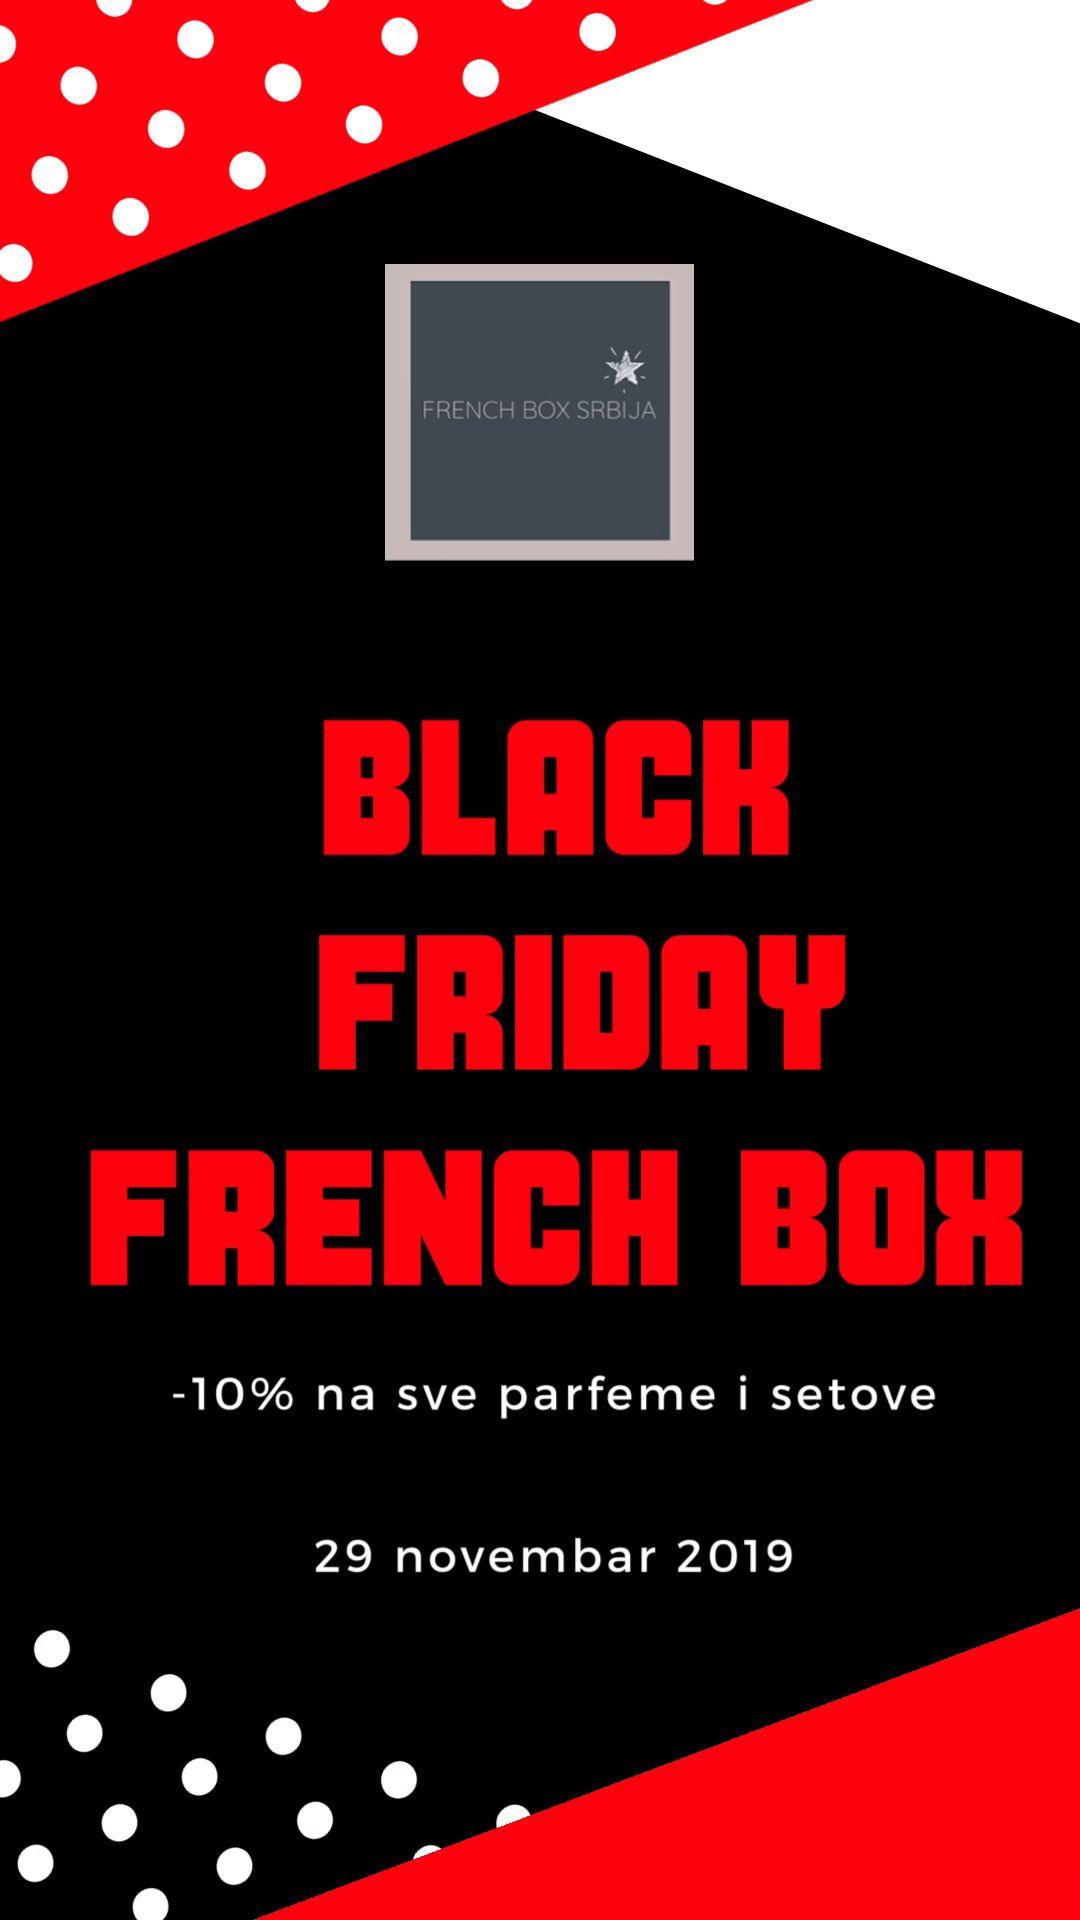 #parfemi #parfum #parfimerija #promo #blackfriday #beograd #jagodina #nis #novisad